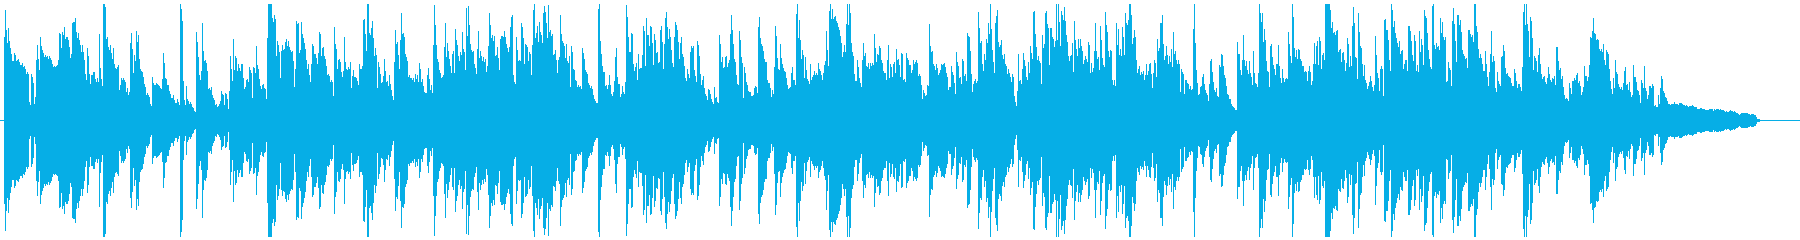 生演奏サックスのセンチメンタルなバラードの再生済みの波形